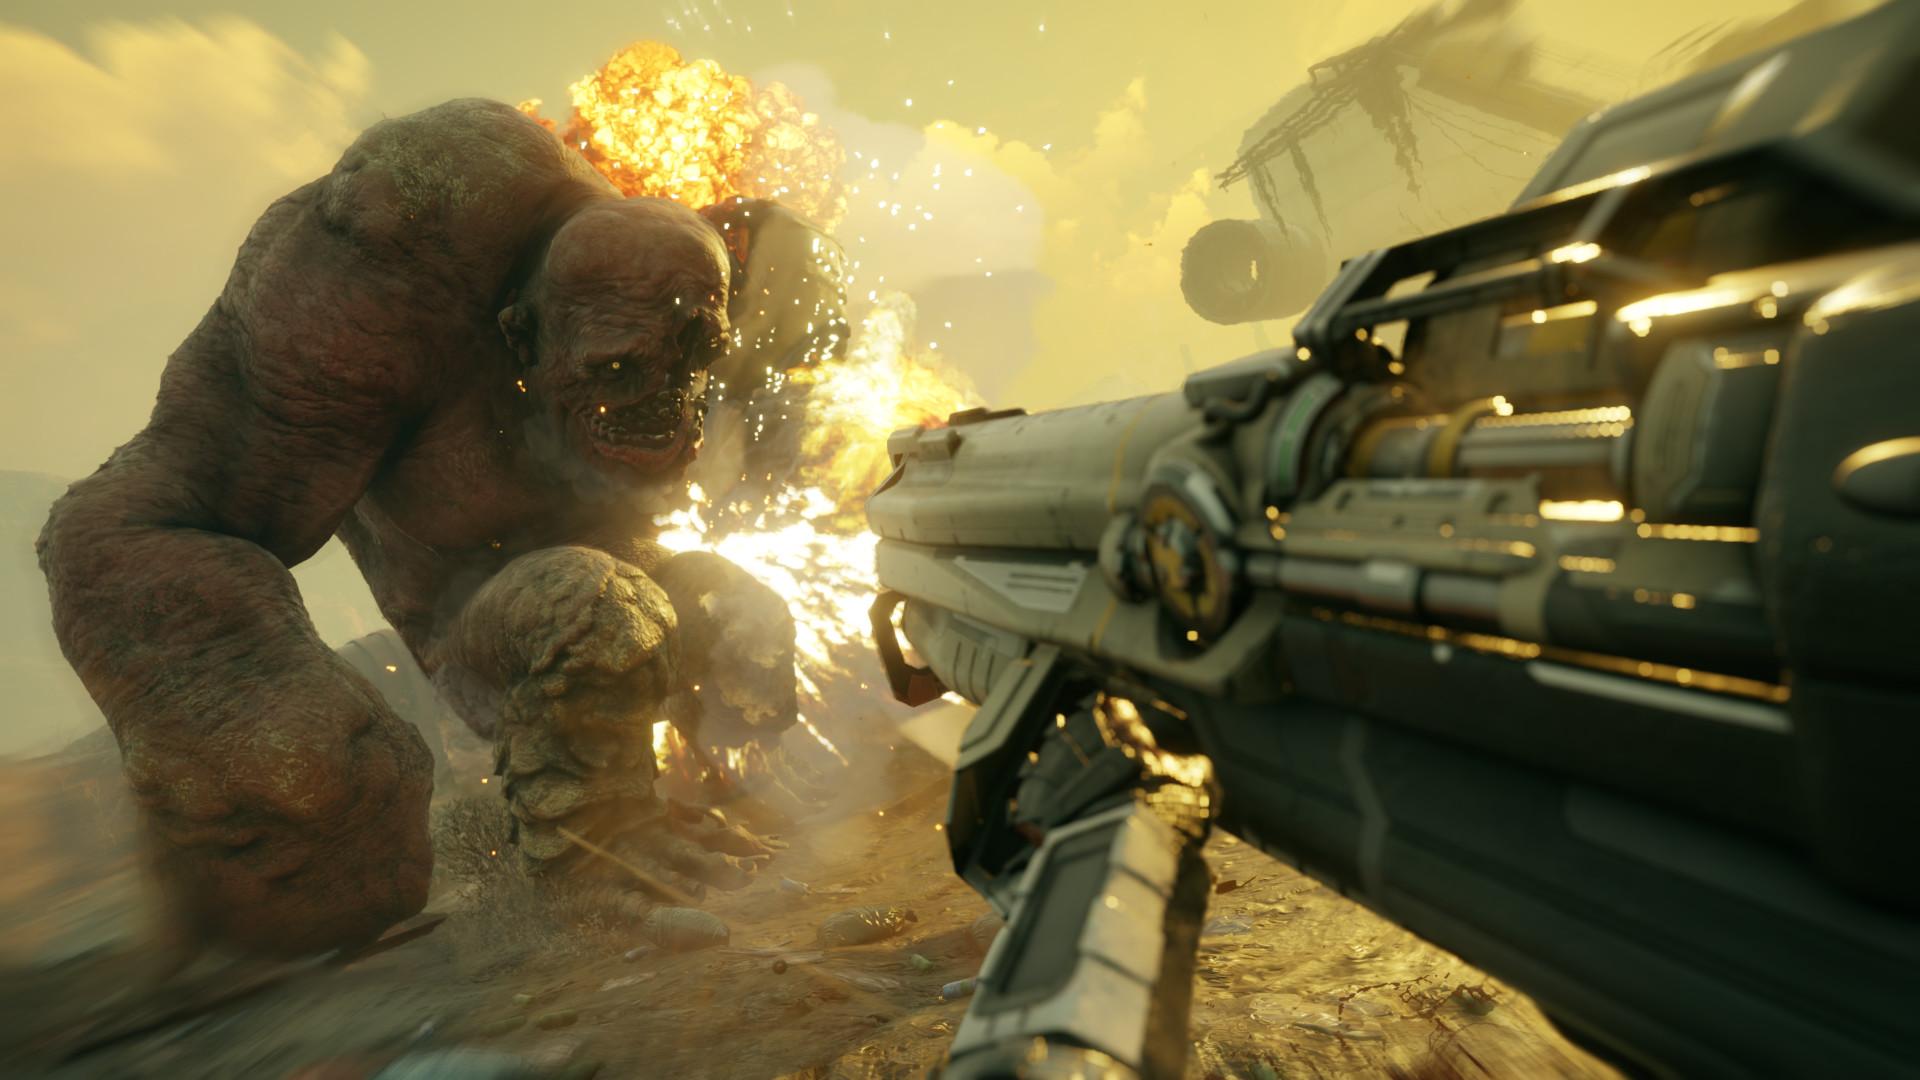 惊不惊喜 《狂怒2》BFG武器为豪华版和收藏版独占